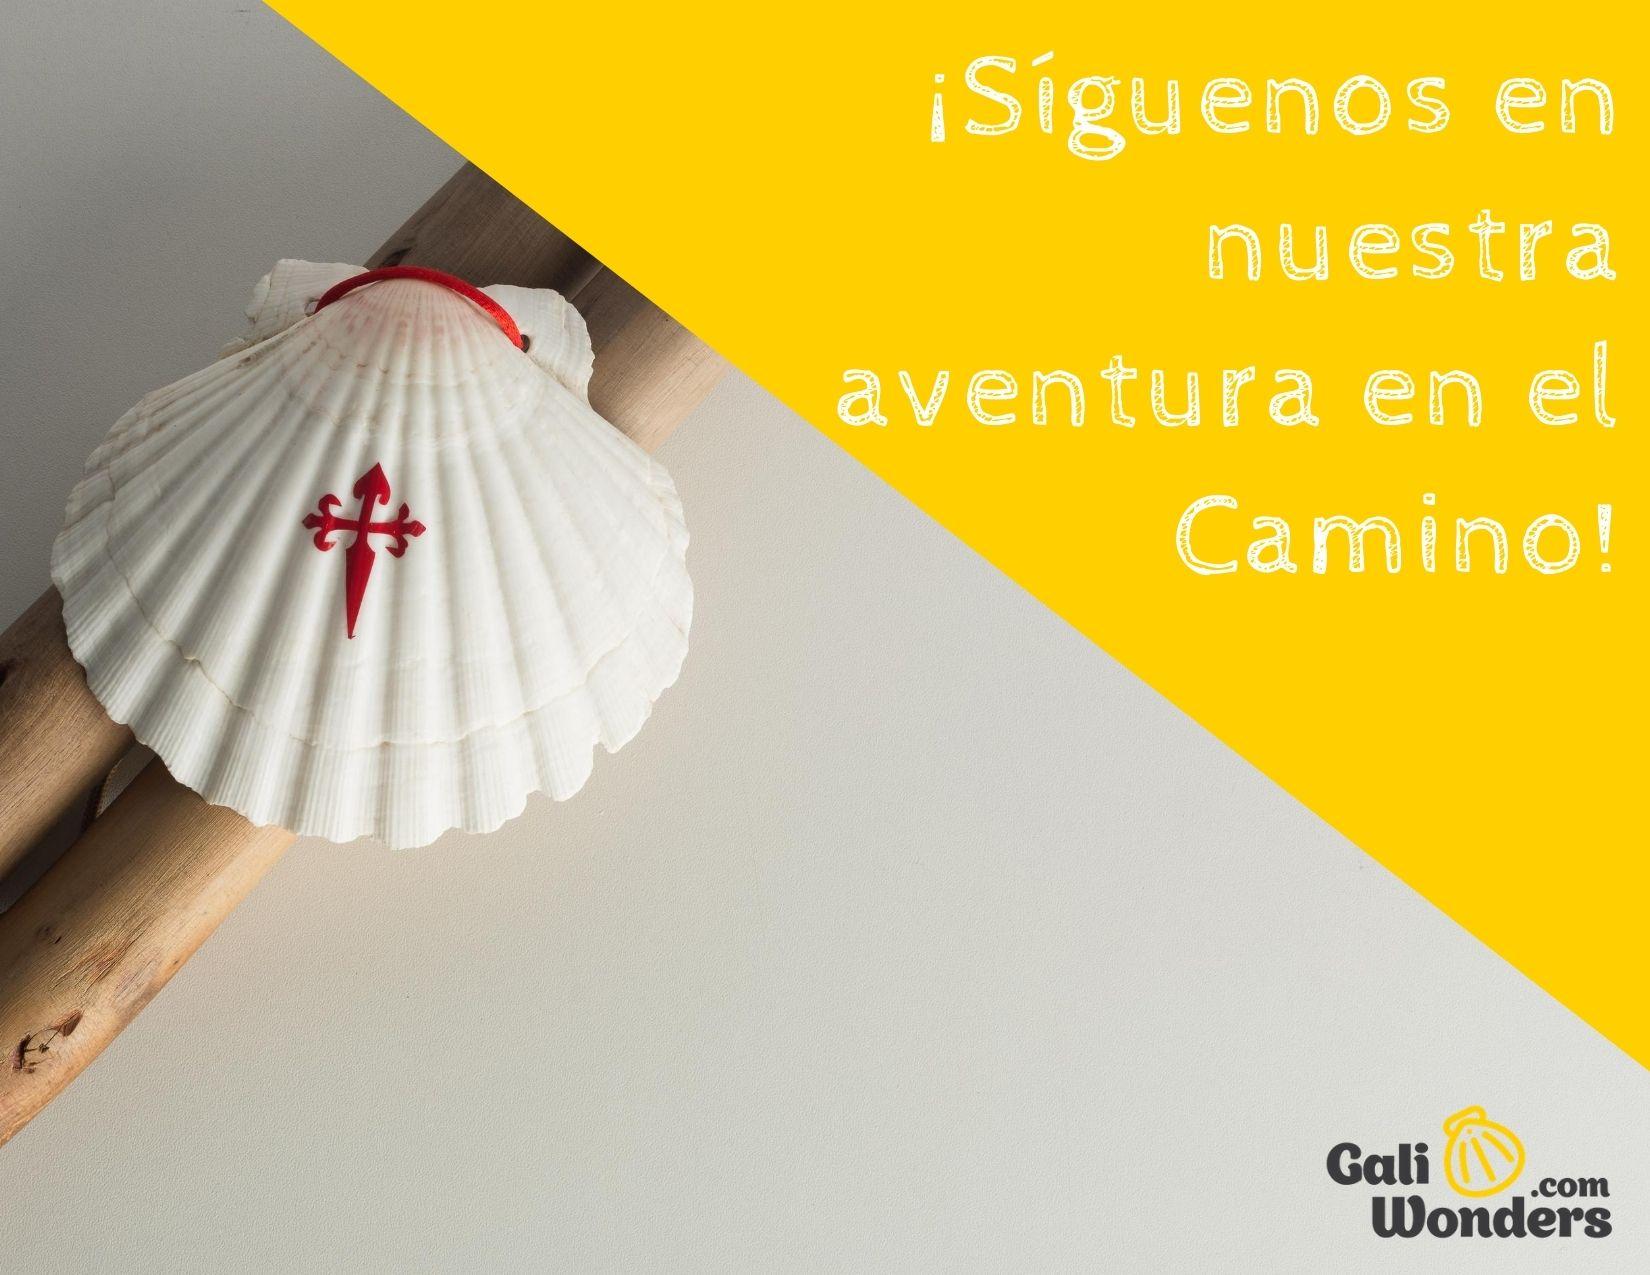 Galiwonders en el Camino de Santiago